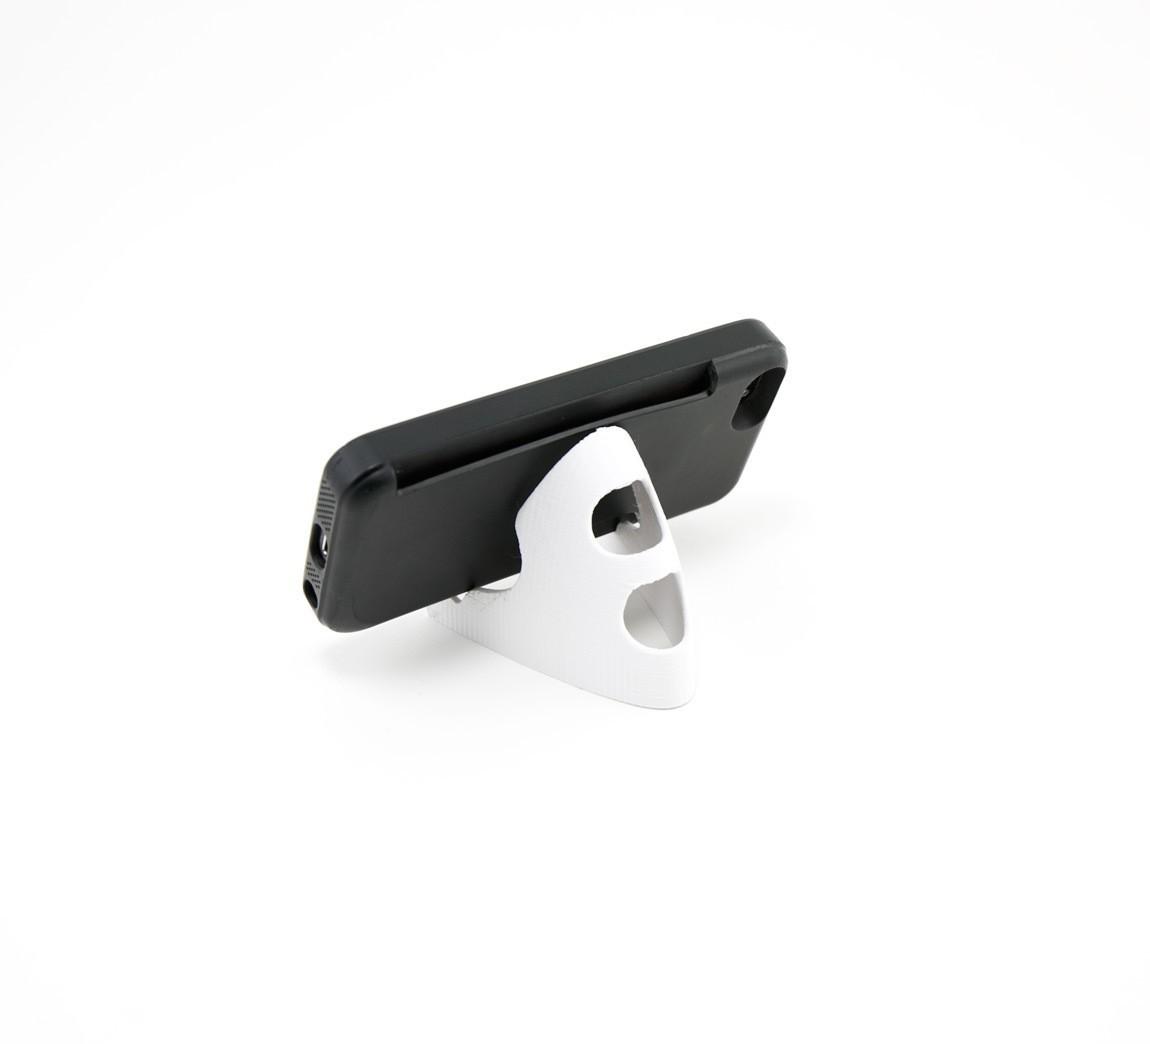 2c15b77b1880f541068ada401446e857_1443225080042_NMD000070b_2x.jpg Download free STL file Phone Stand • Model to 3D print, FerryTeacher